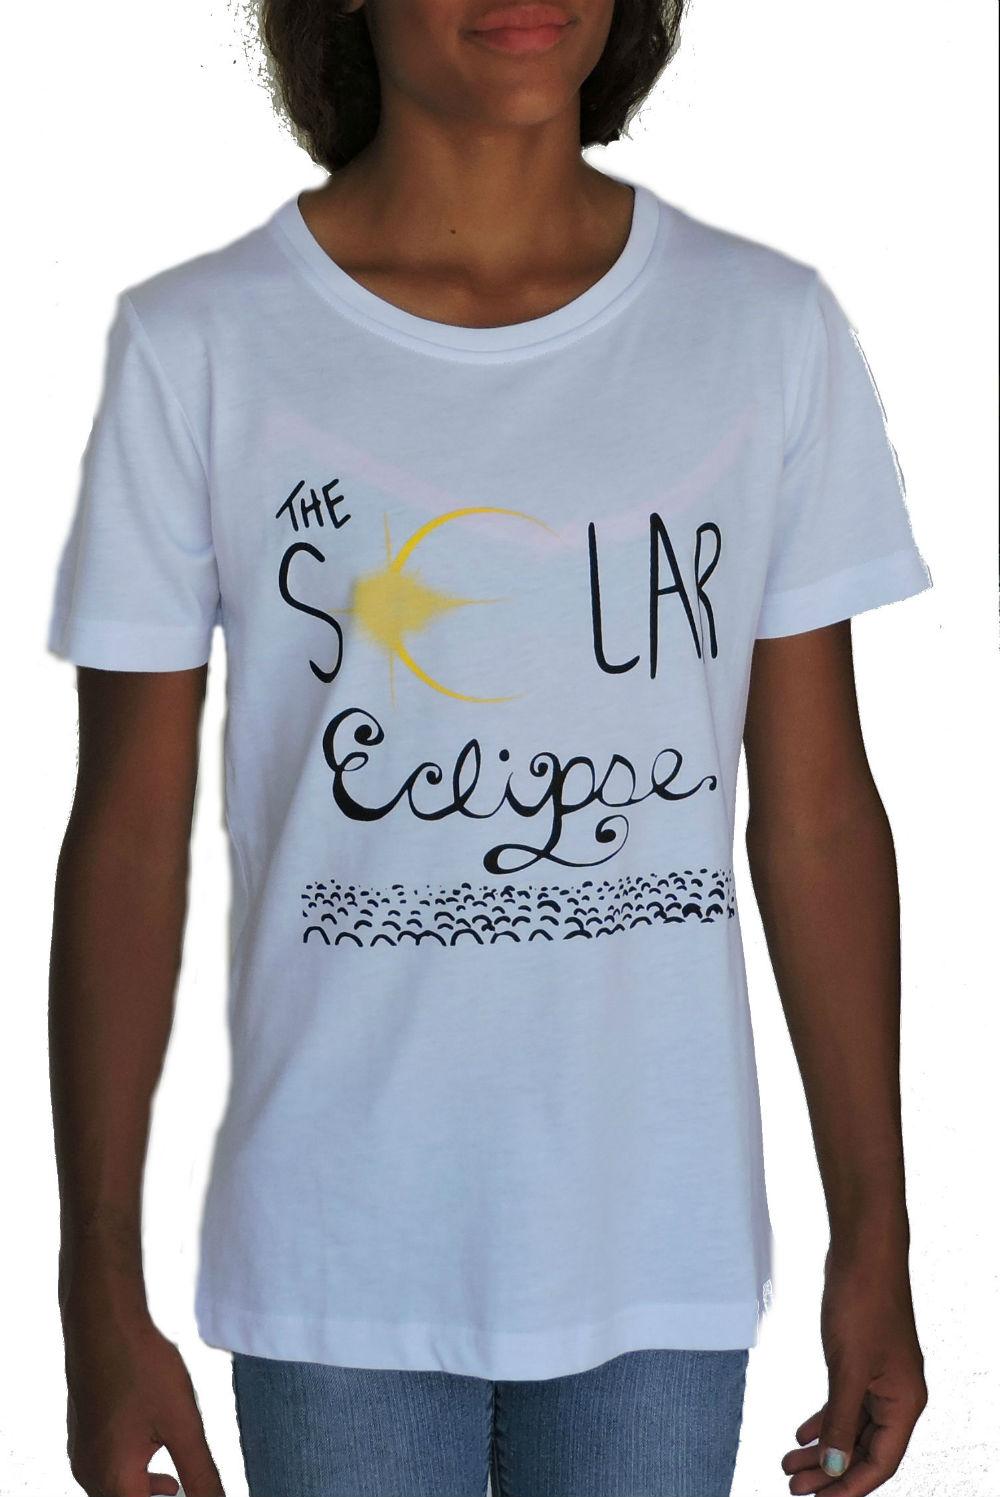 Sephlin - Charity  Girl's Solar Eclipse T-Shirt WHITE